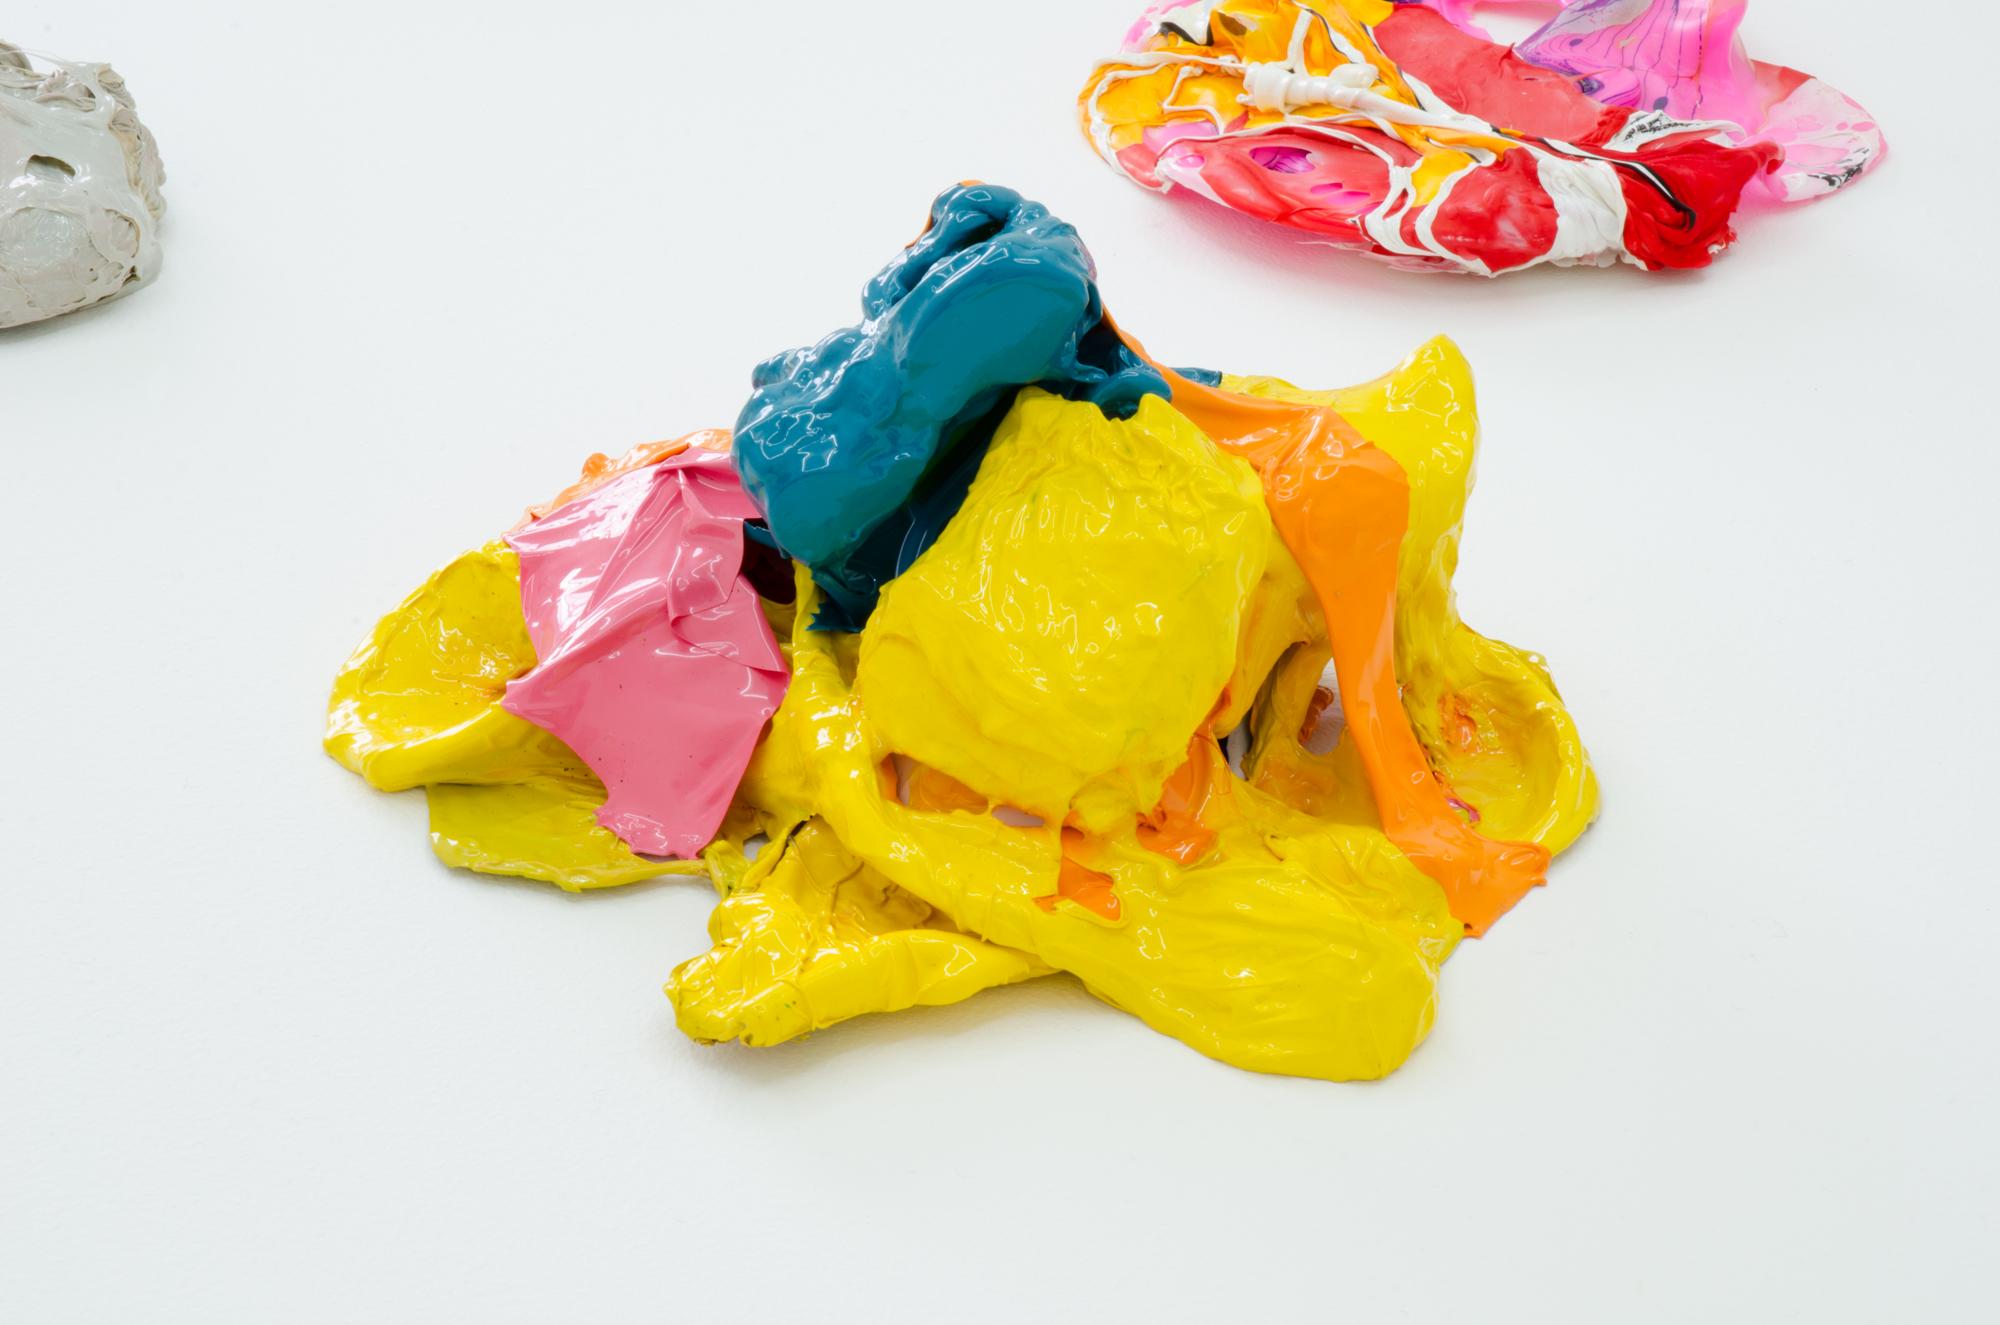 TG Remko Scha Plastic Meltdowns